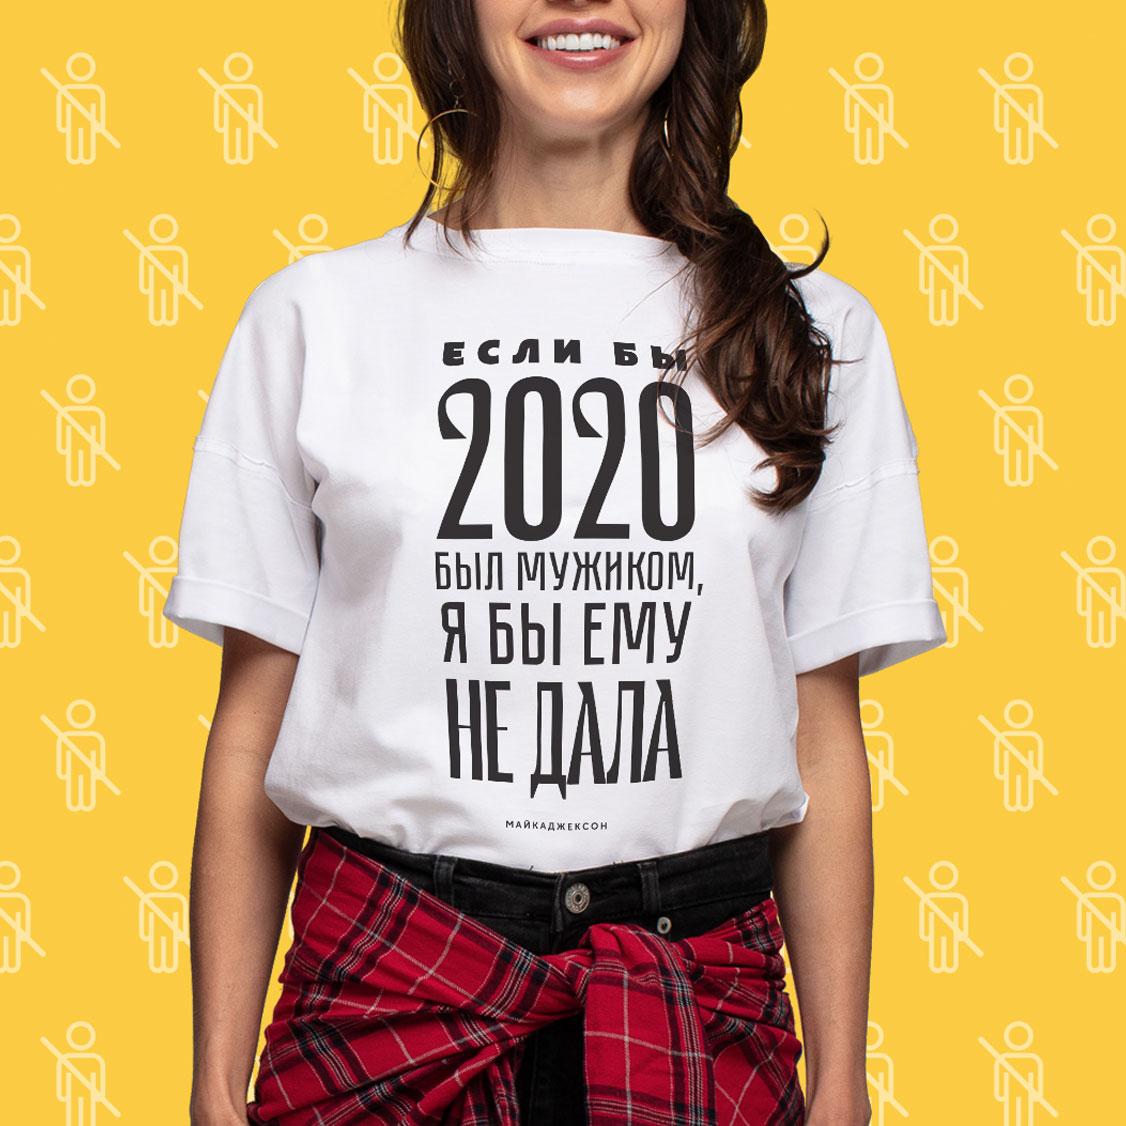 МАЙКАДЖЕКСОН - Если бы 2020 был мужиком, я бы ему не дала!